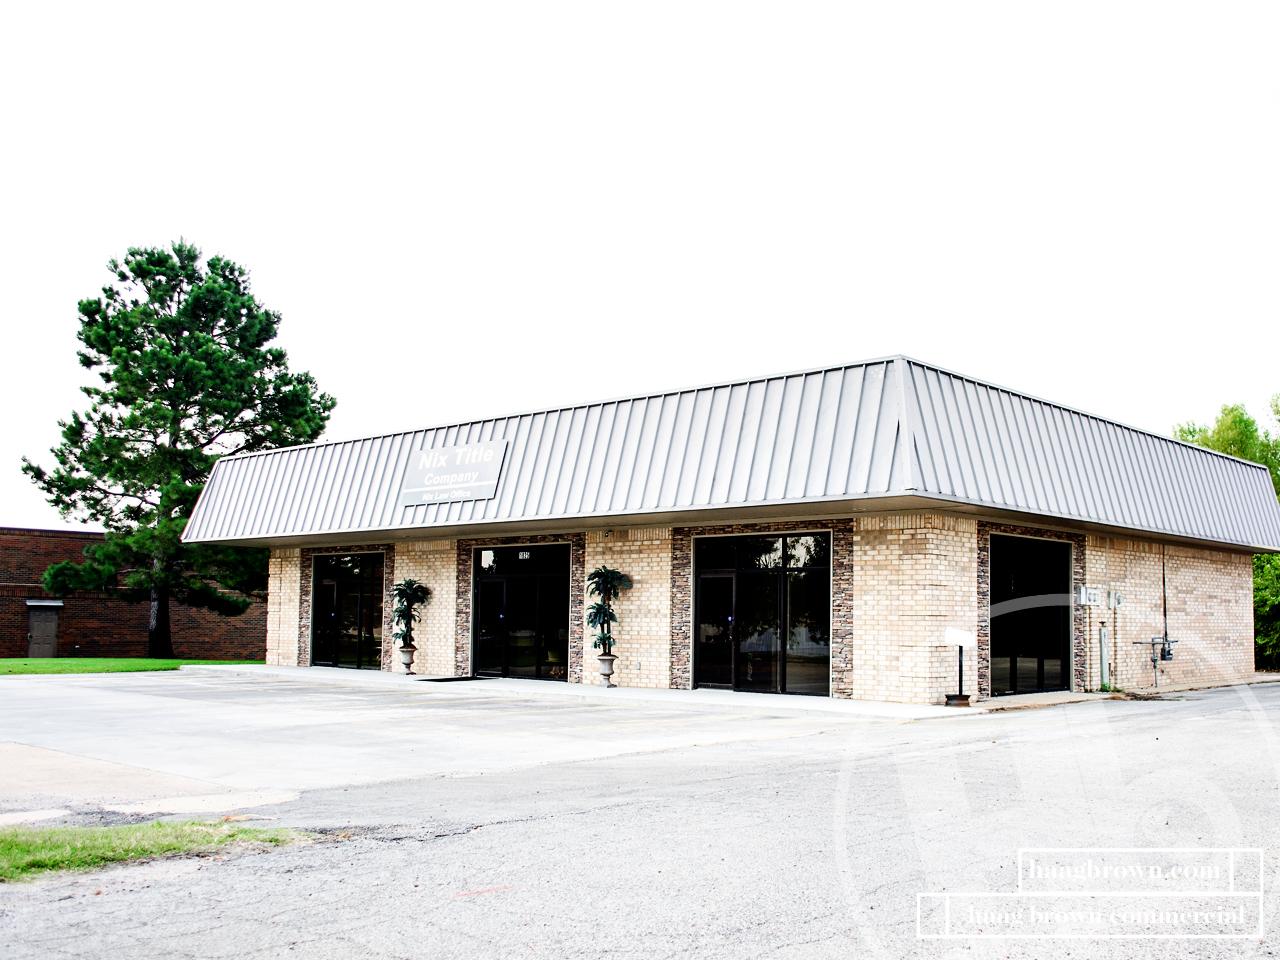 Nix Law Firm in Jonesboro, AR